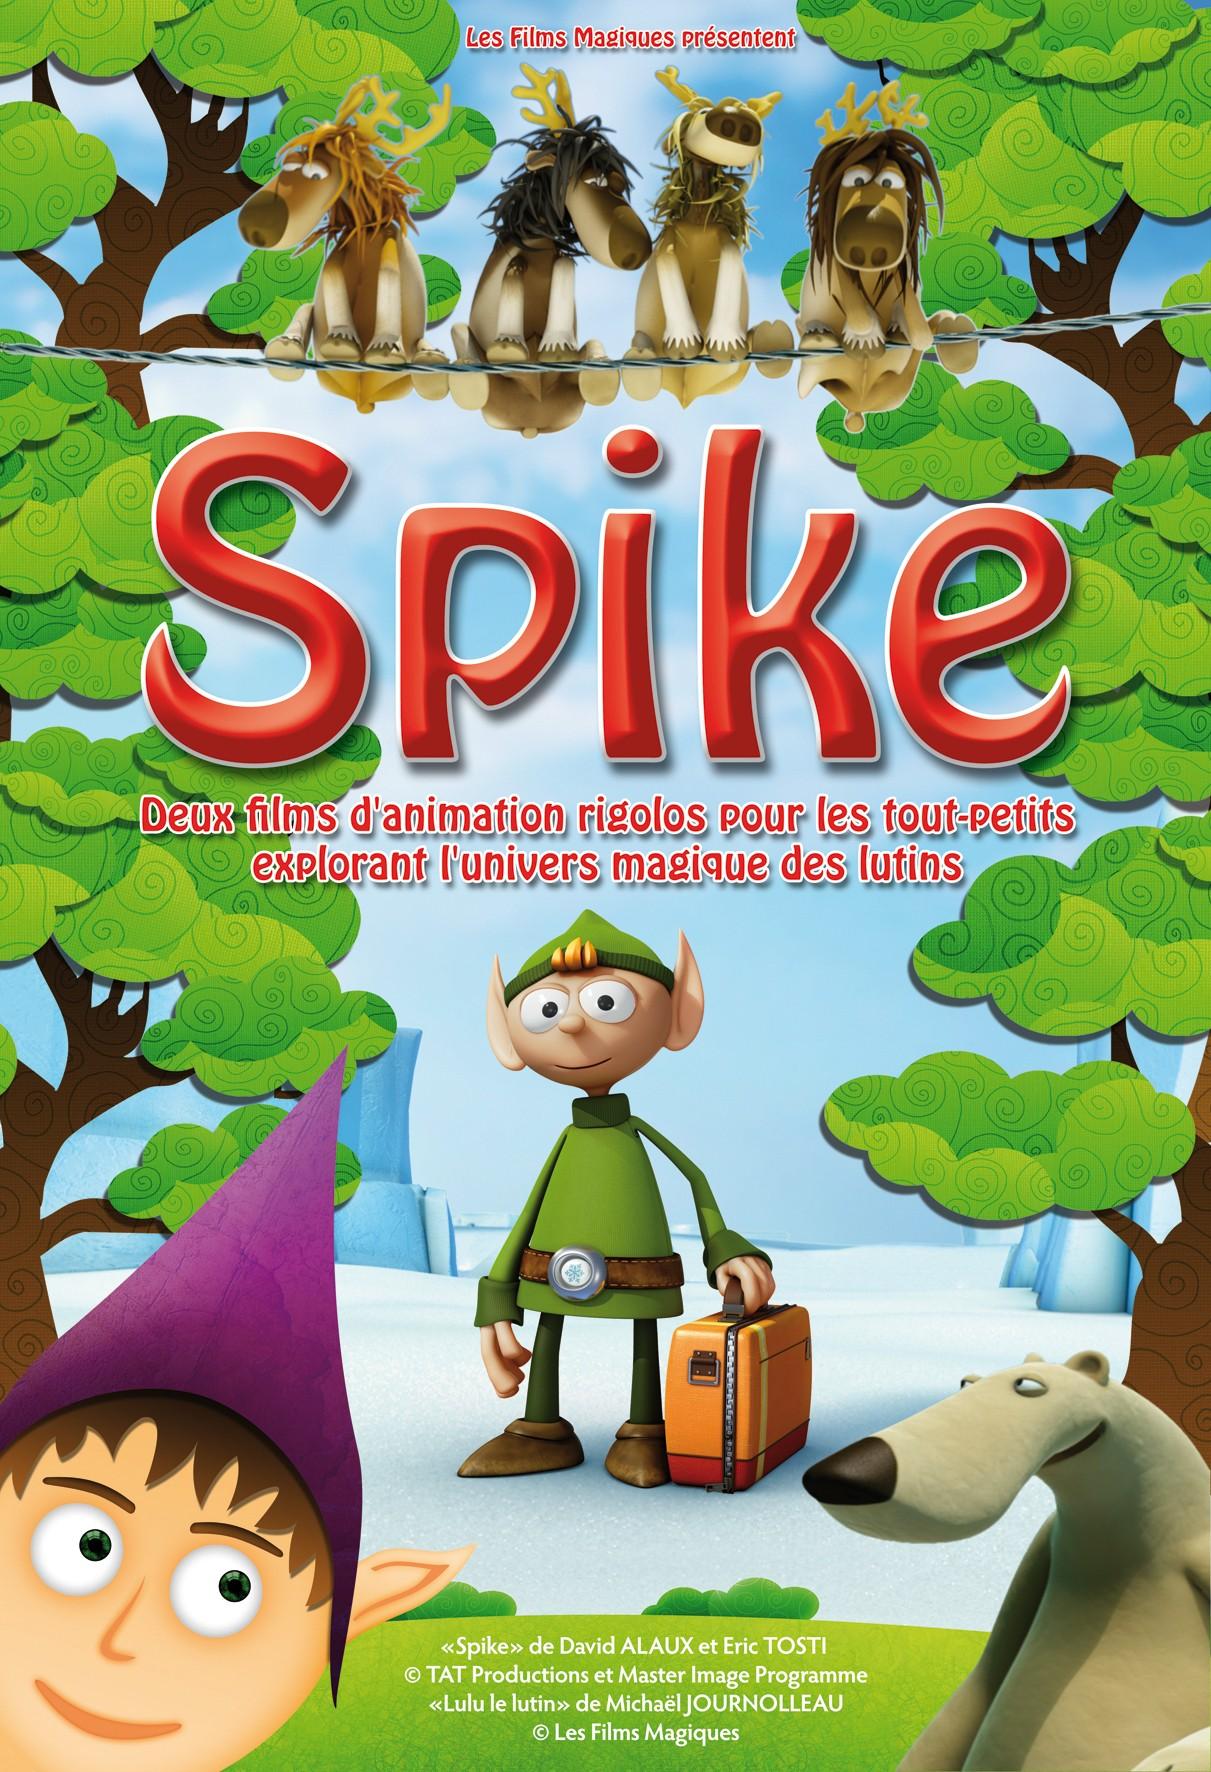 Spike / Spike (2008)